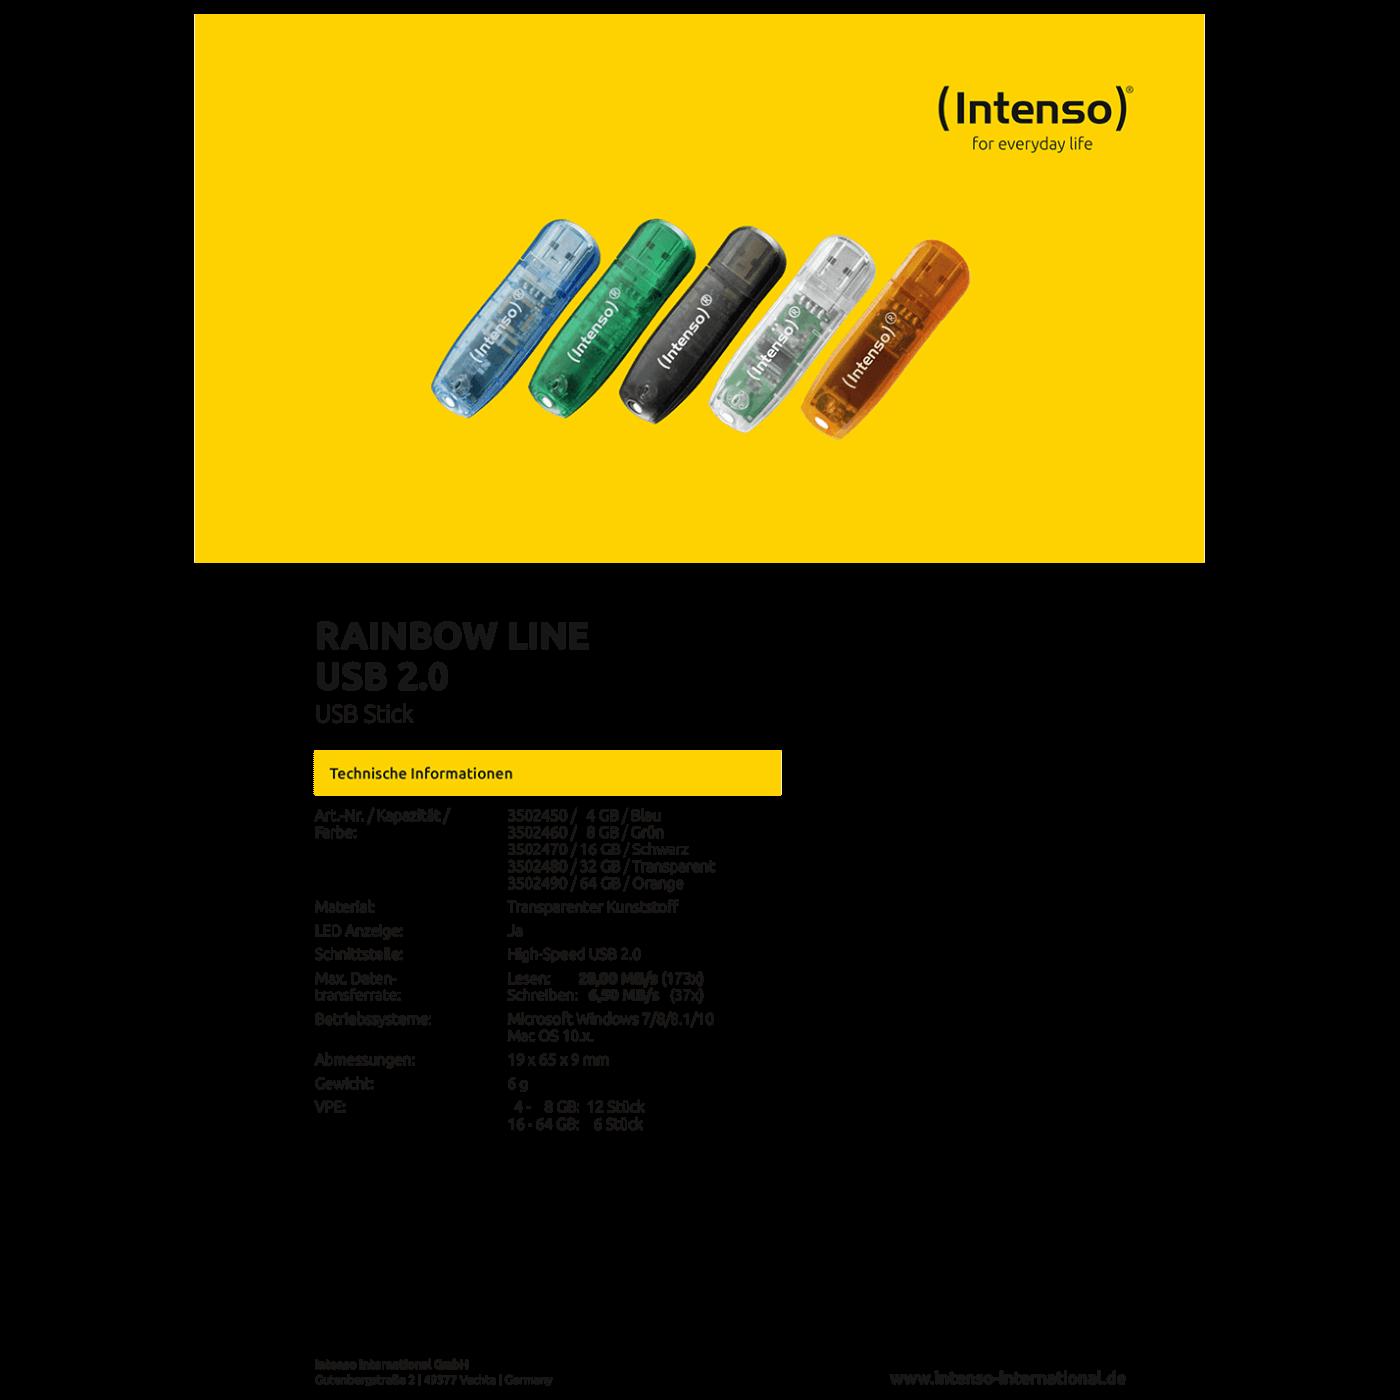 USB2.0-4GB/Rainbow